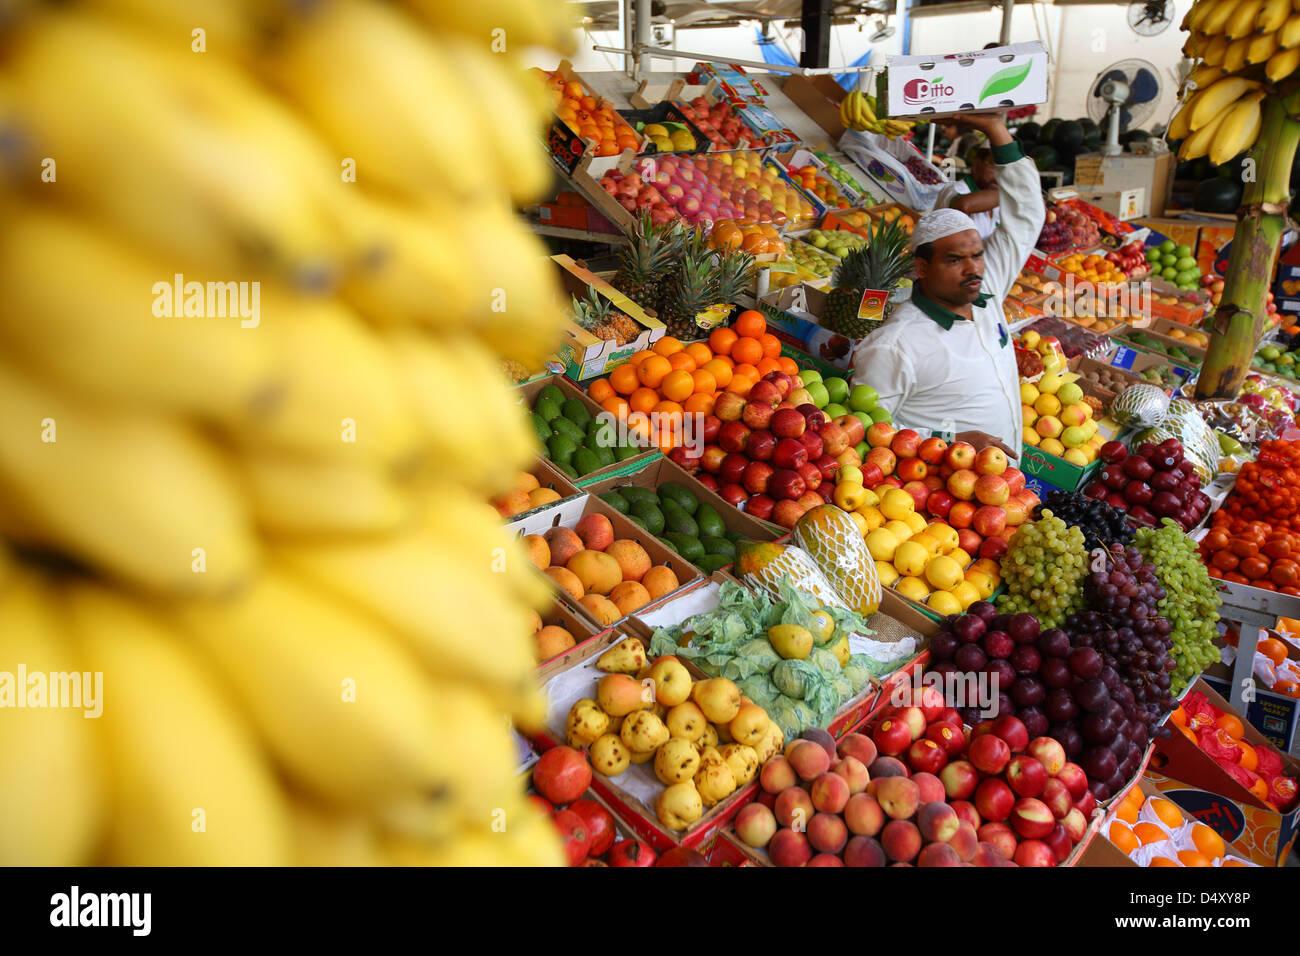 Man carrying box at produce market, Dubai, United Arab Emirates - Stock Image